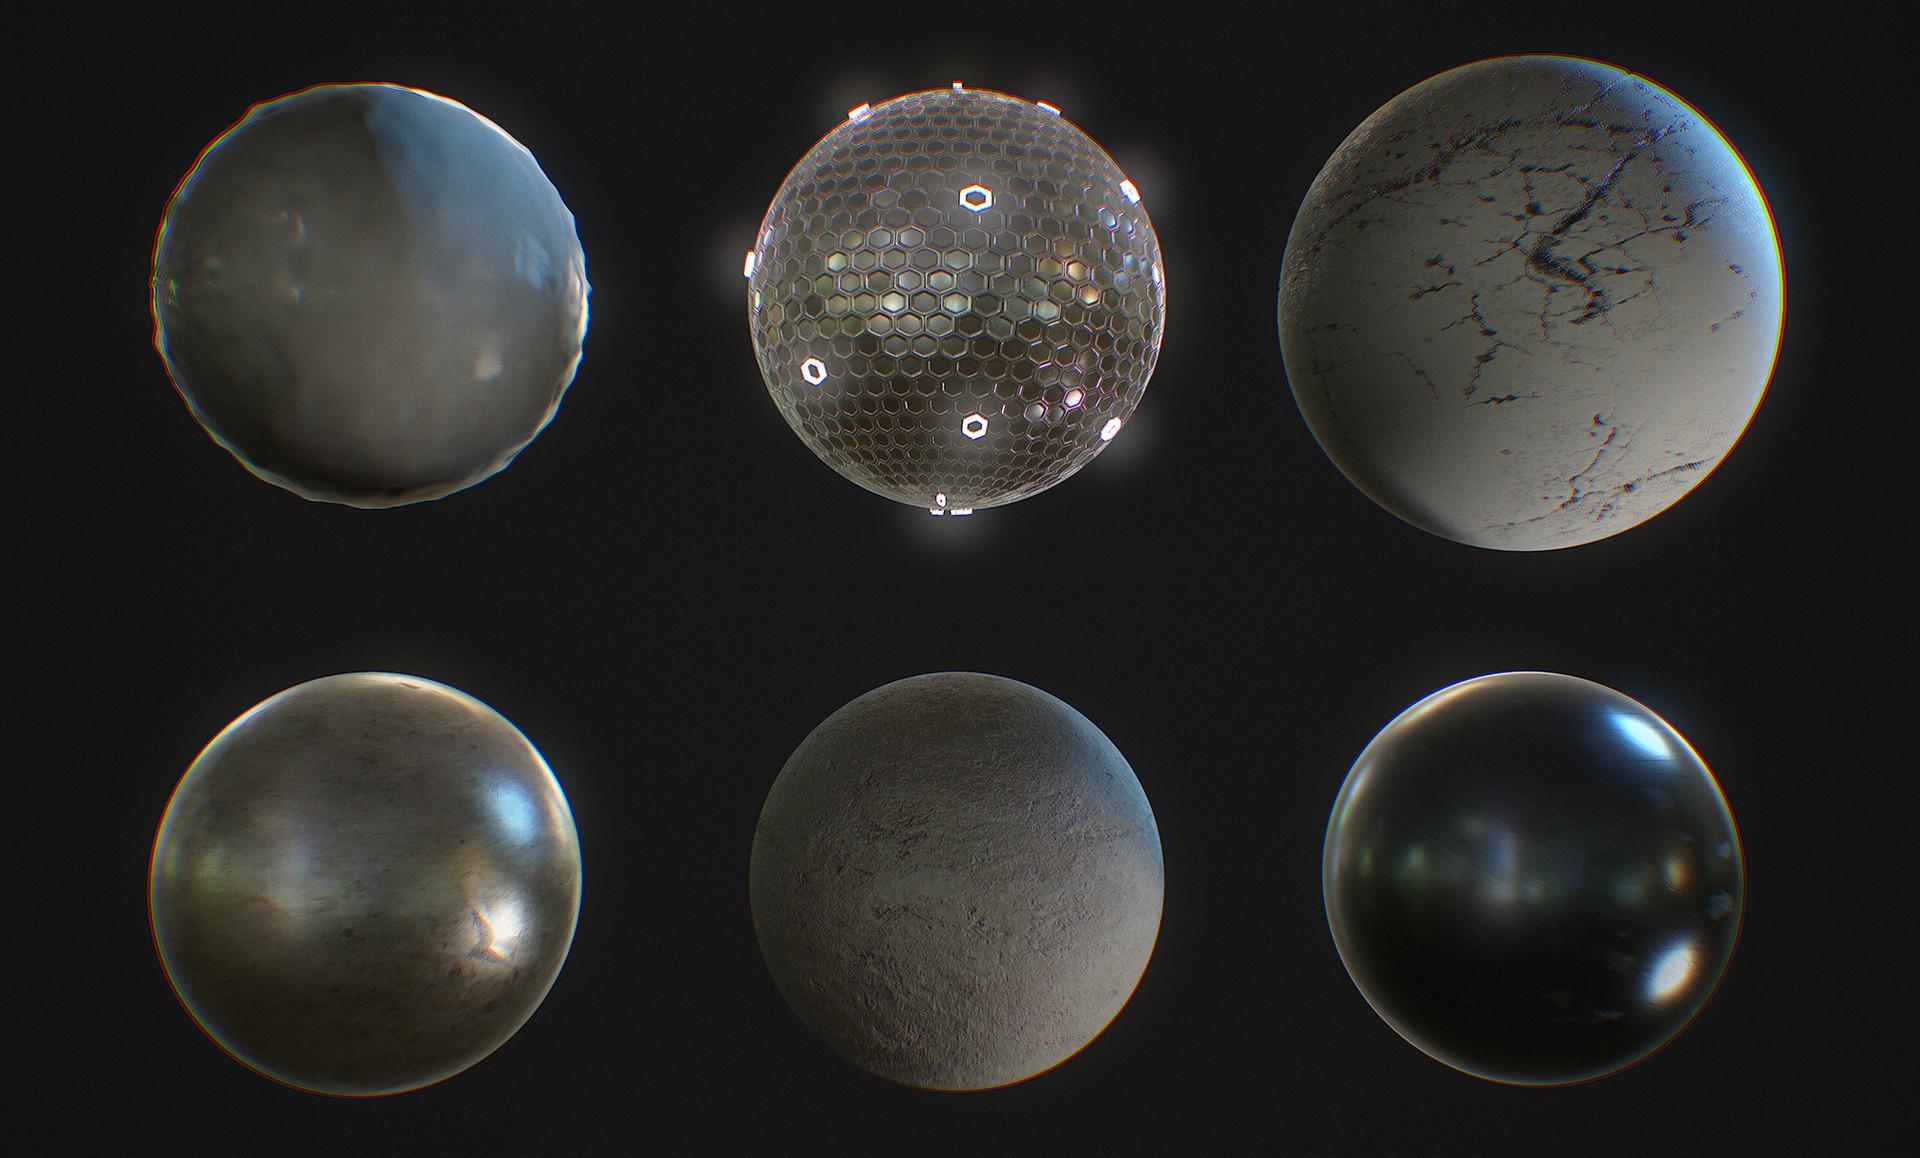 Hannu koivuranta renderspheres